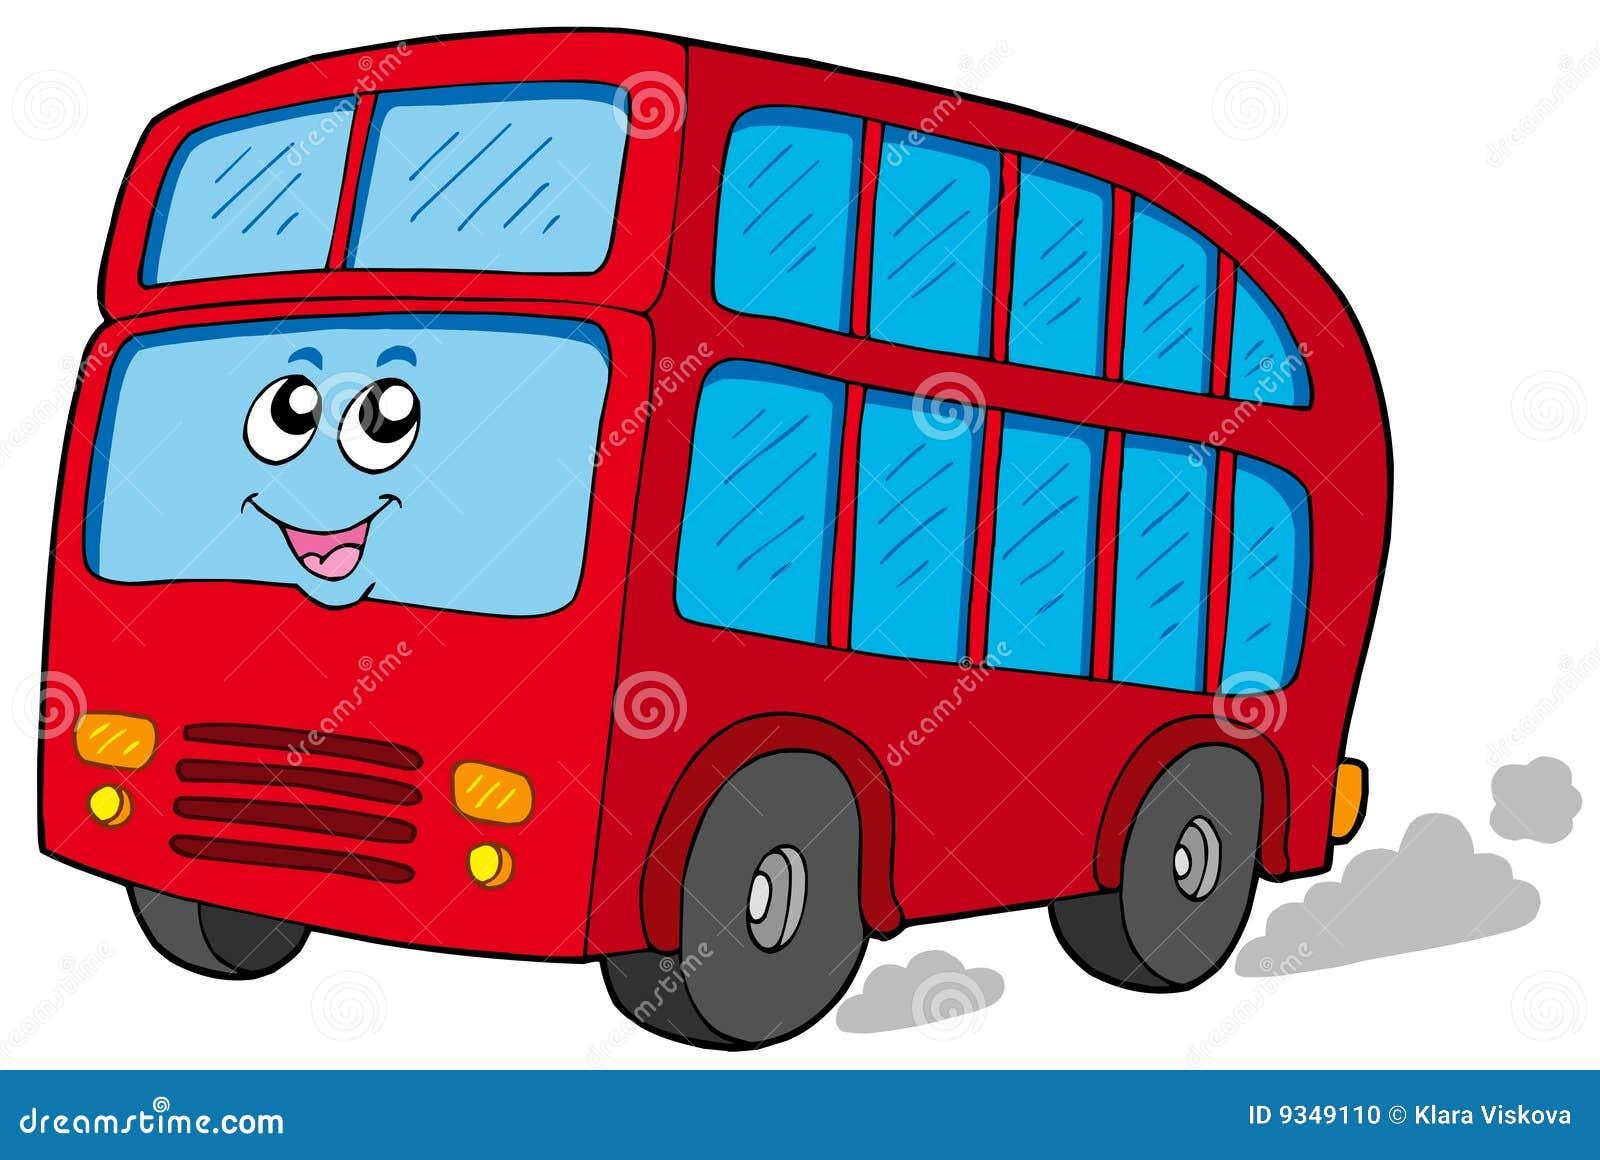 Autobus a due piani del fumetto illustrazione vettoriale for Prezzi del garage a due piani